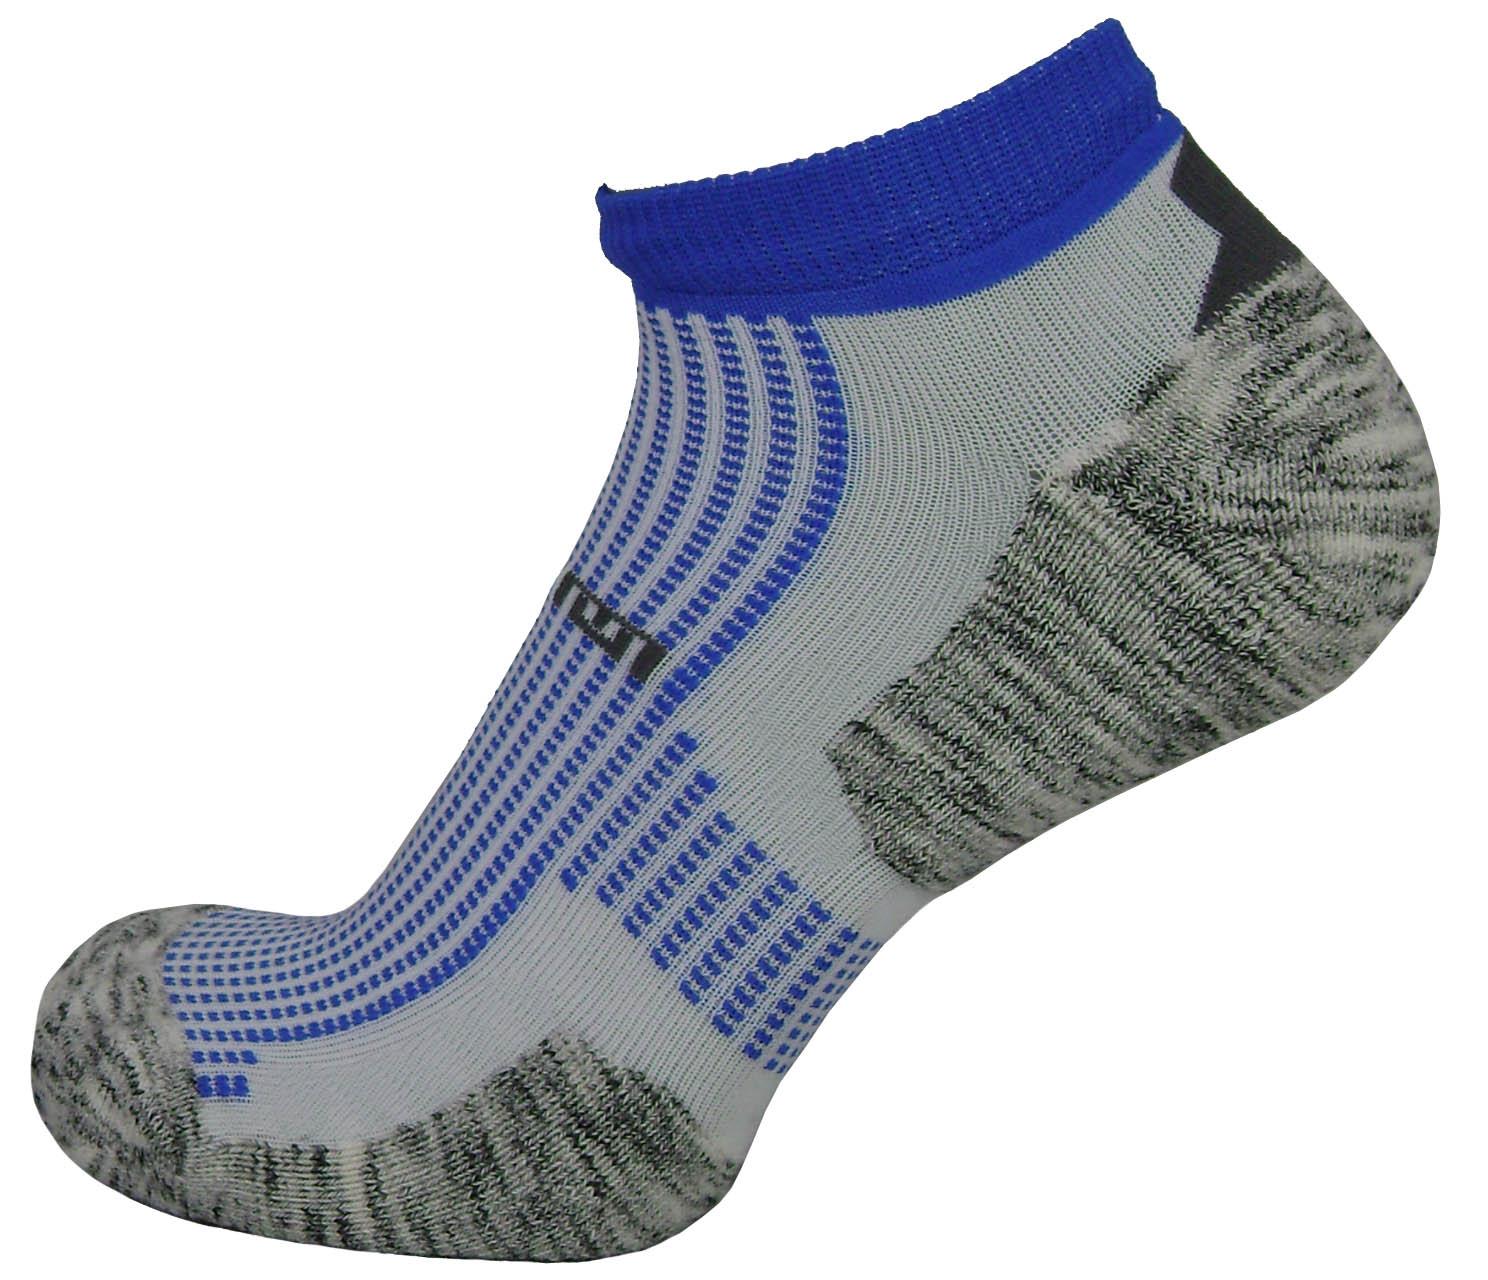 Par de meia atlética  - Flocada com azul royal